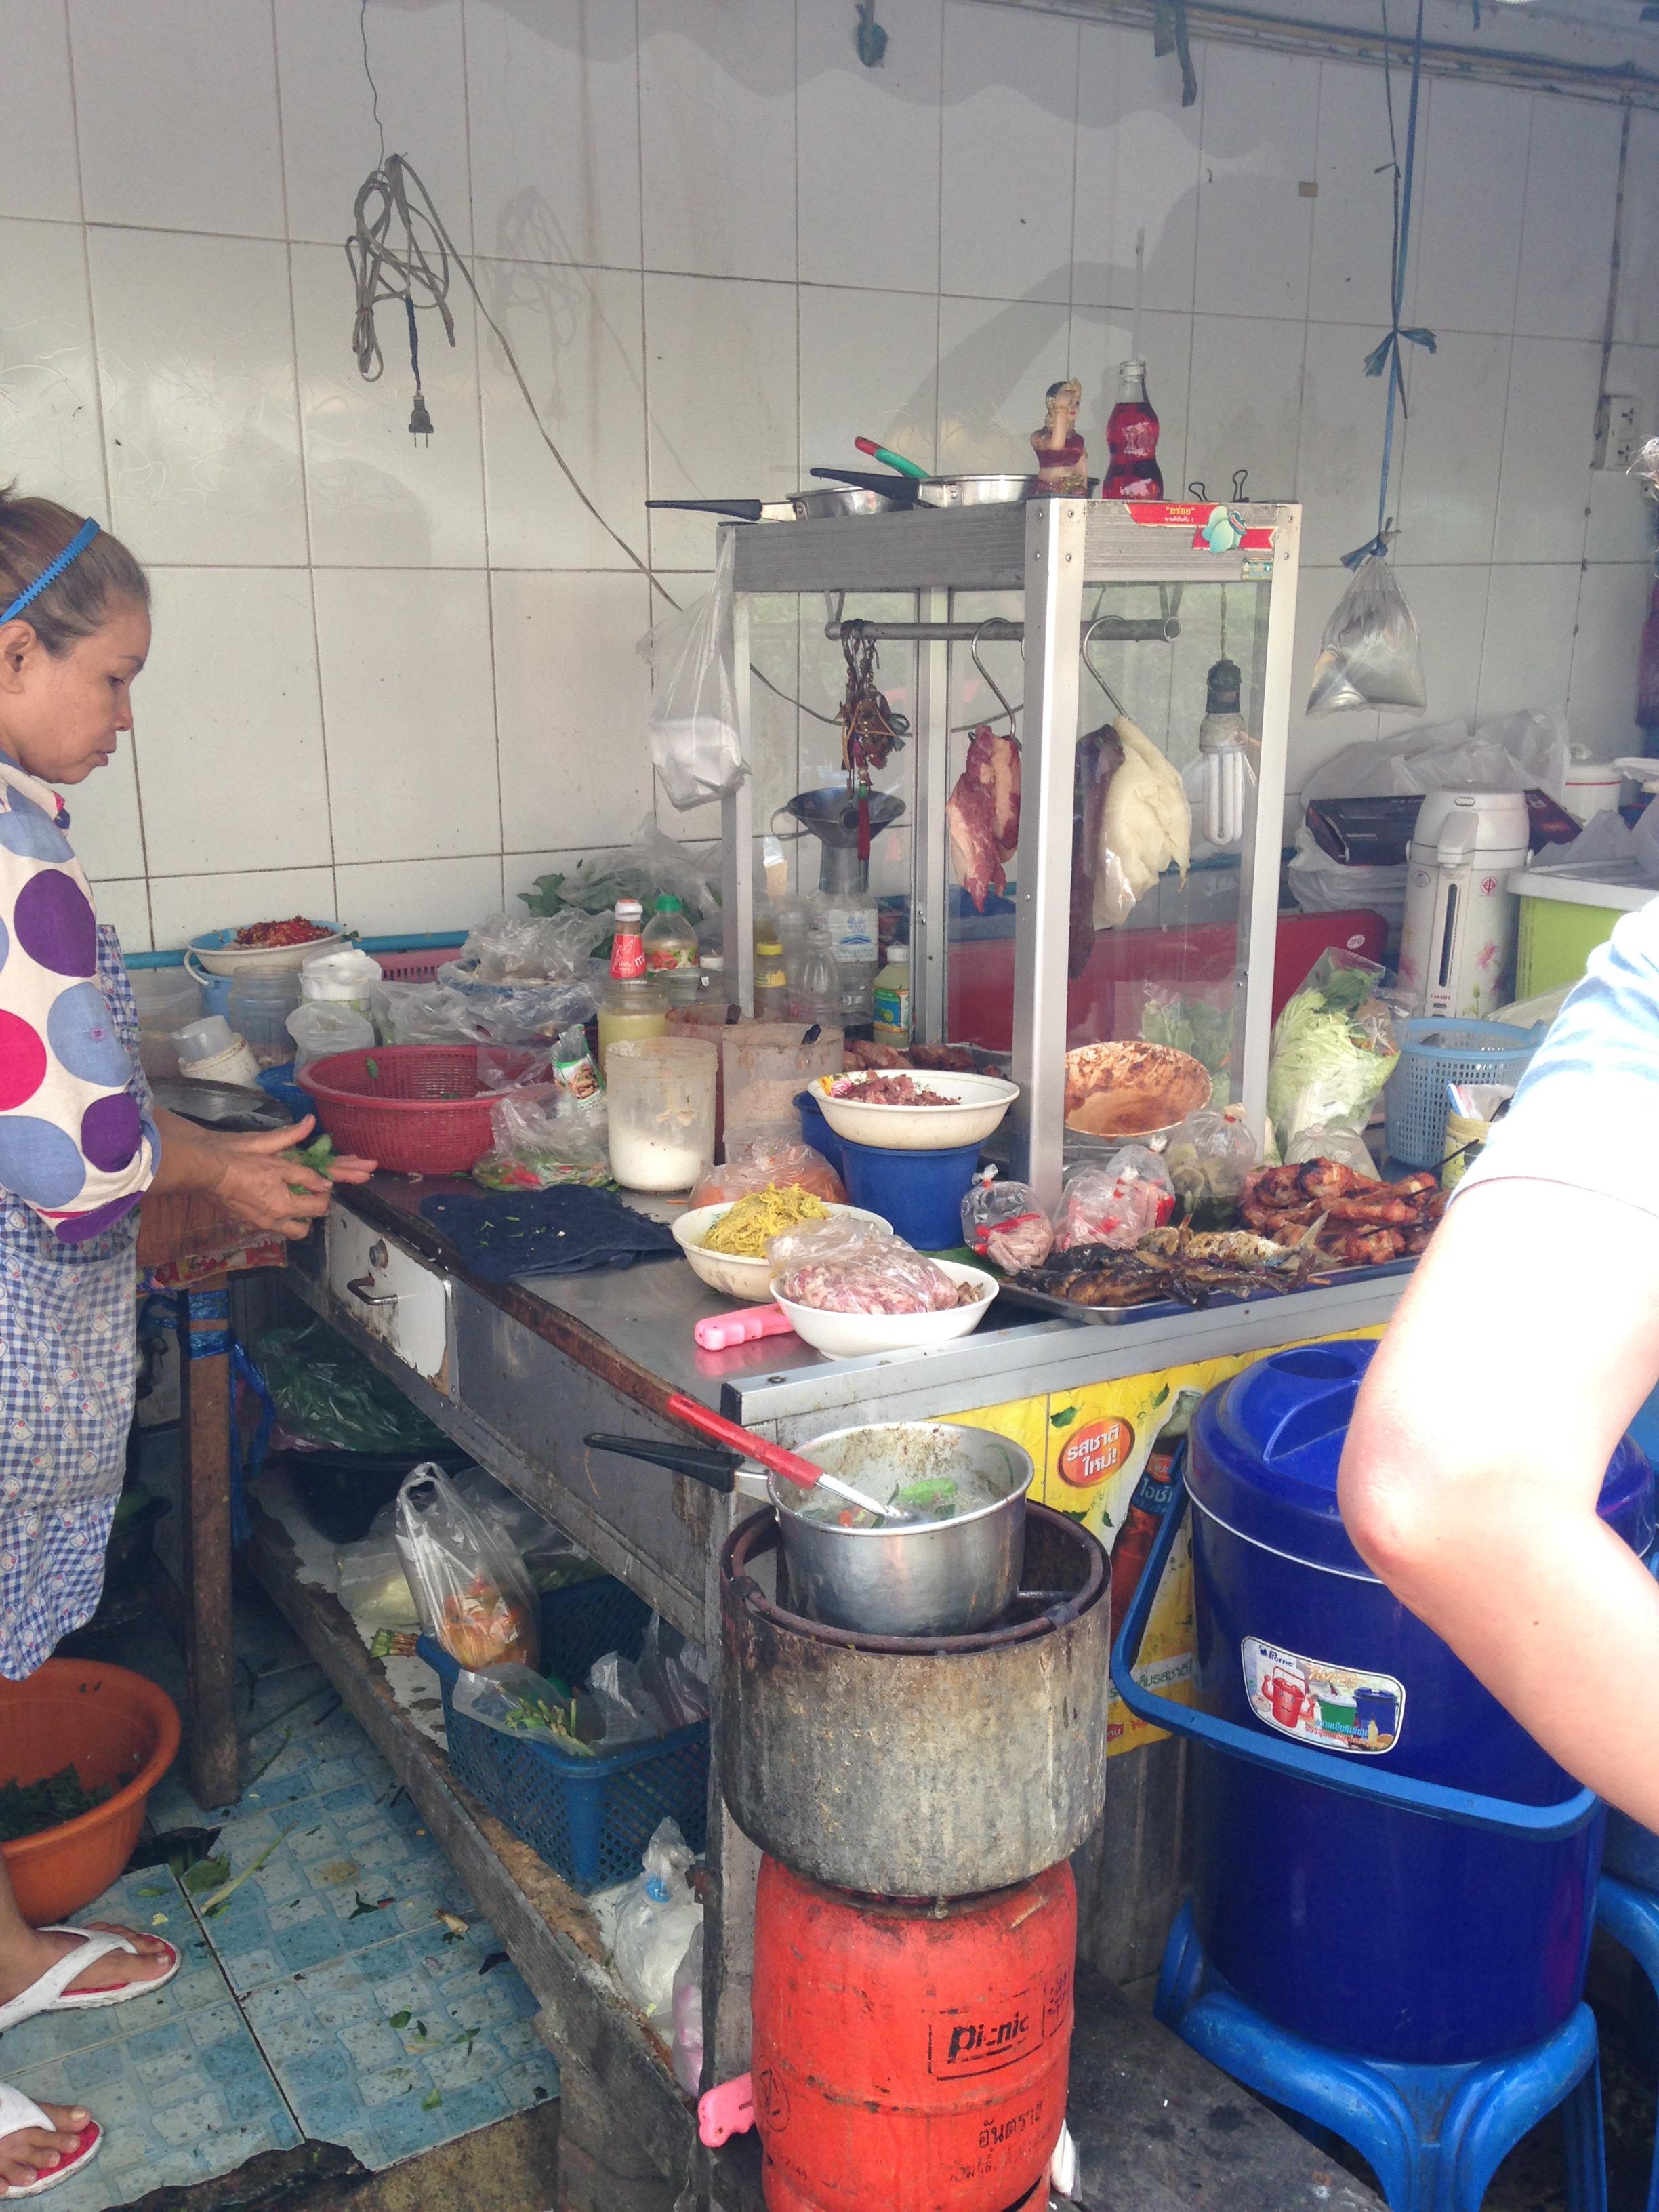 ... když se místní zmůžou na kuchyni, nejen stánek...